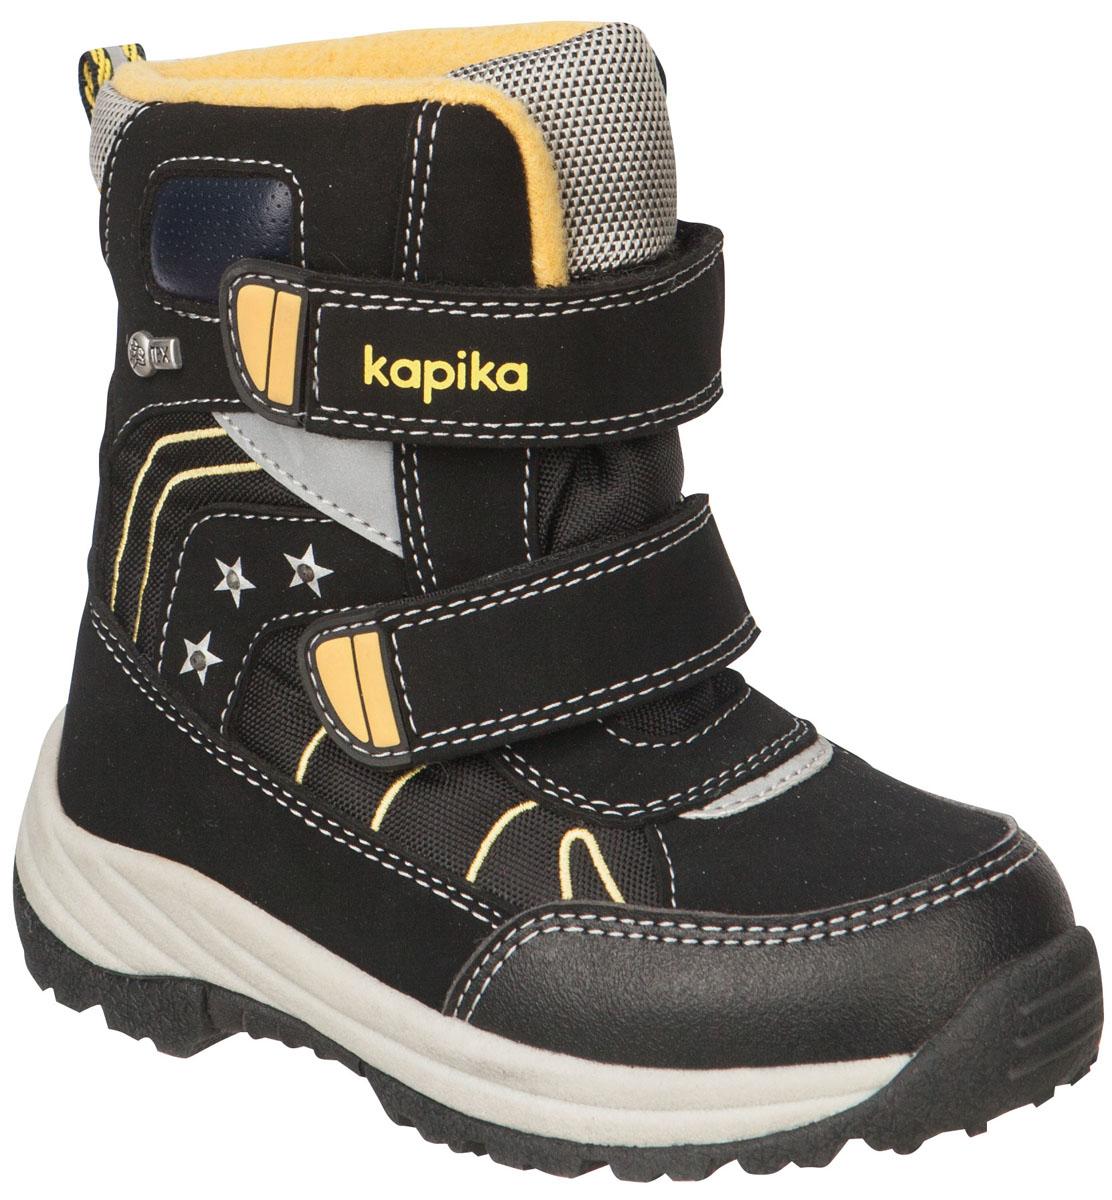 41149-1Легкие, удобные и теплые ботинки от Kapika выполнены из мембранных материалов и искусственной кожи. Два ремешка на застежках-липучках надежно фиксируют изделие на ноге. Мягкая подкладка и стелька из шерсти обеспечивают тепло, циркуляцию воздуха и сохраняют комфортный микроклимат в обуви. Подошва с протектором гарантирует идеальное сцепление с любыми поверхностями. Идеальная зимняя обувь для активных детей и подростков.